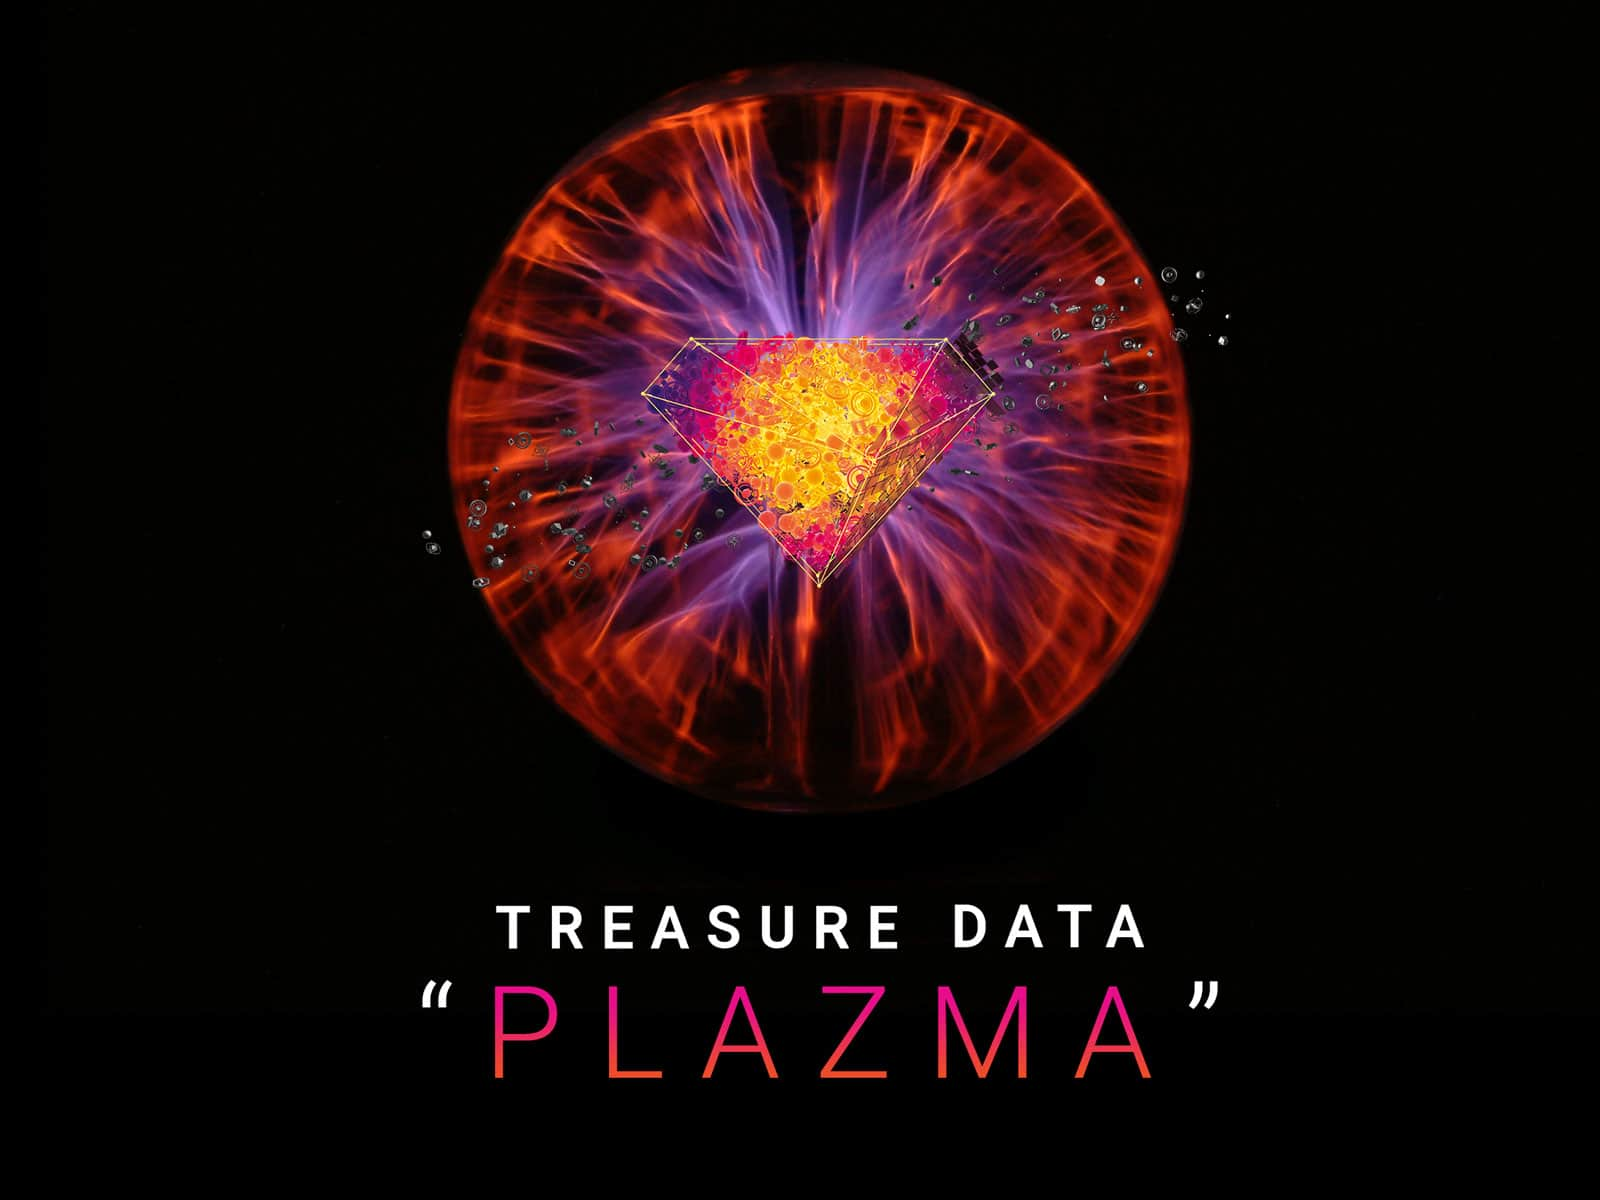 treasure data plazma 基調講演に デジタルマーケティングの先駆者